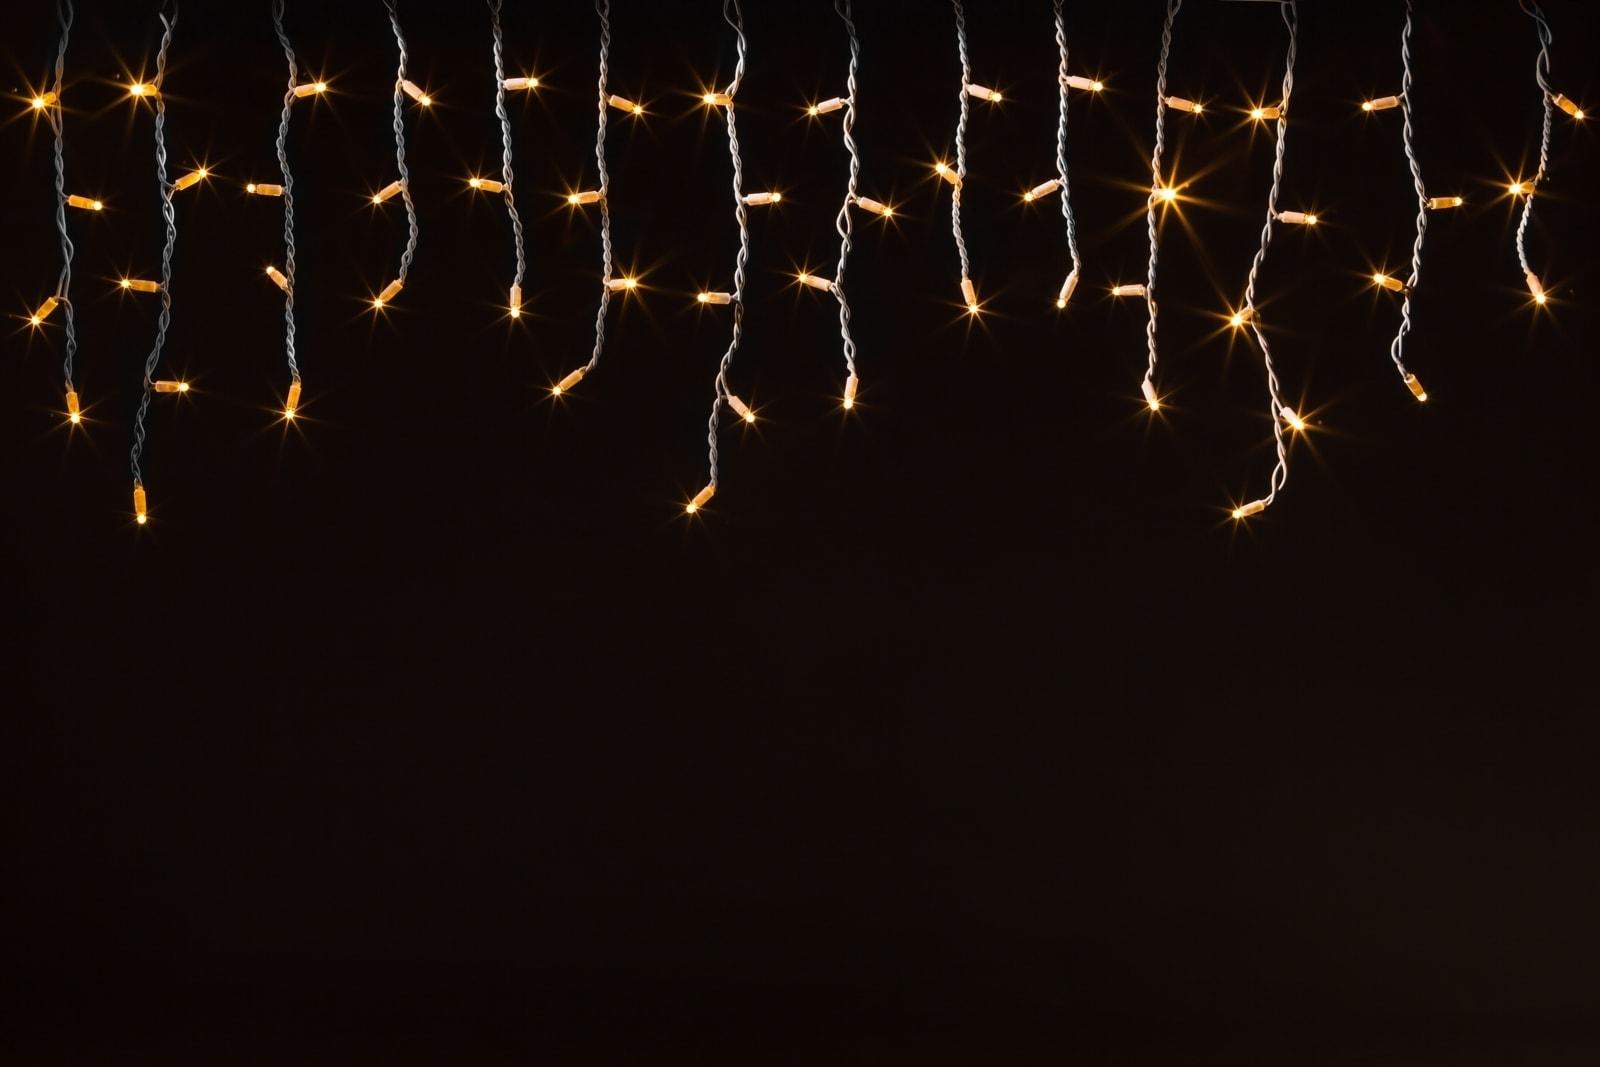 IJspegelverlichting 3m x 0,5m  u2022 Warm wit    Kerstverlichting Buiten